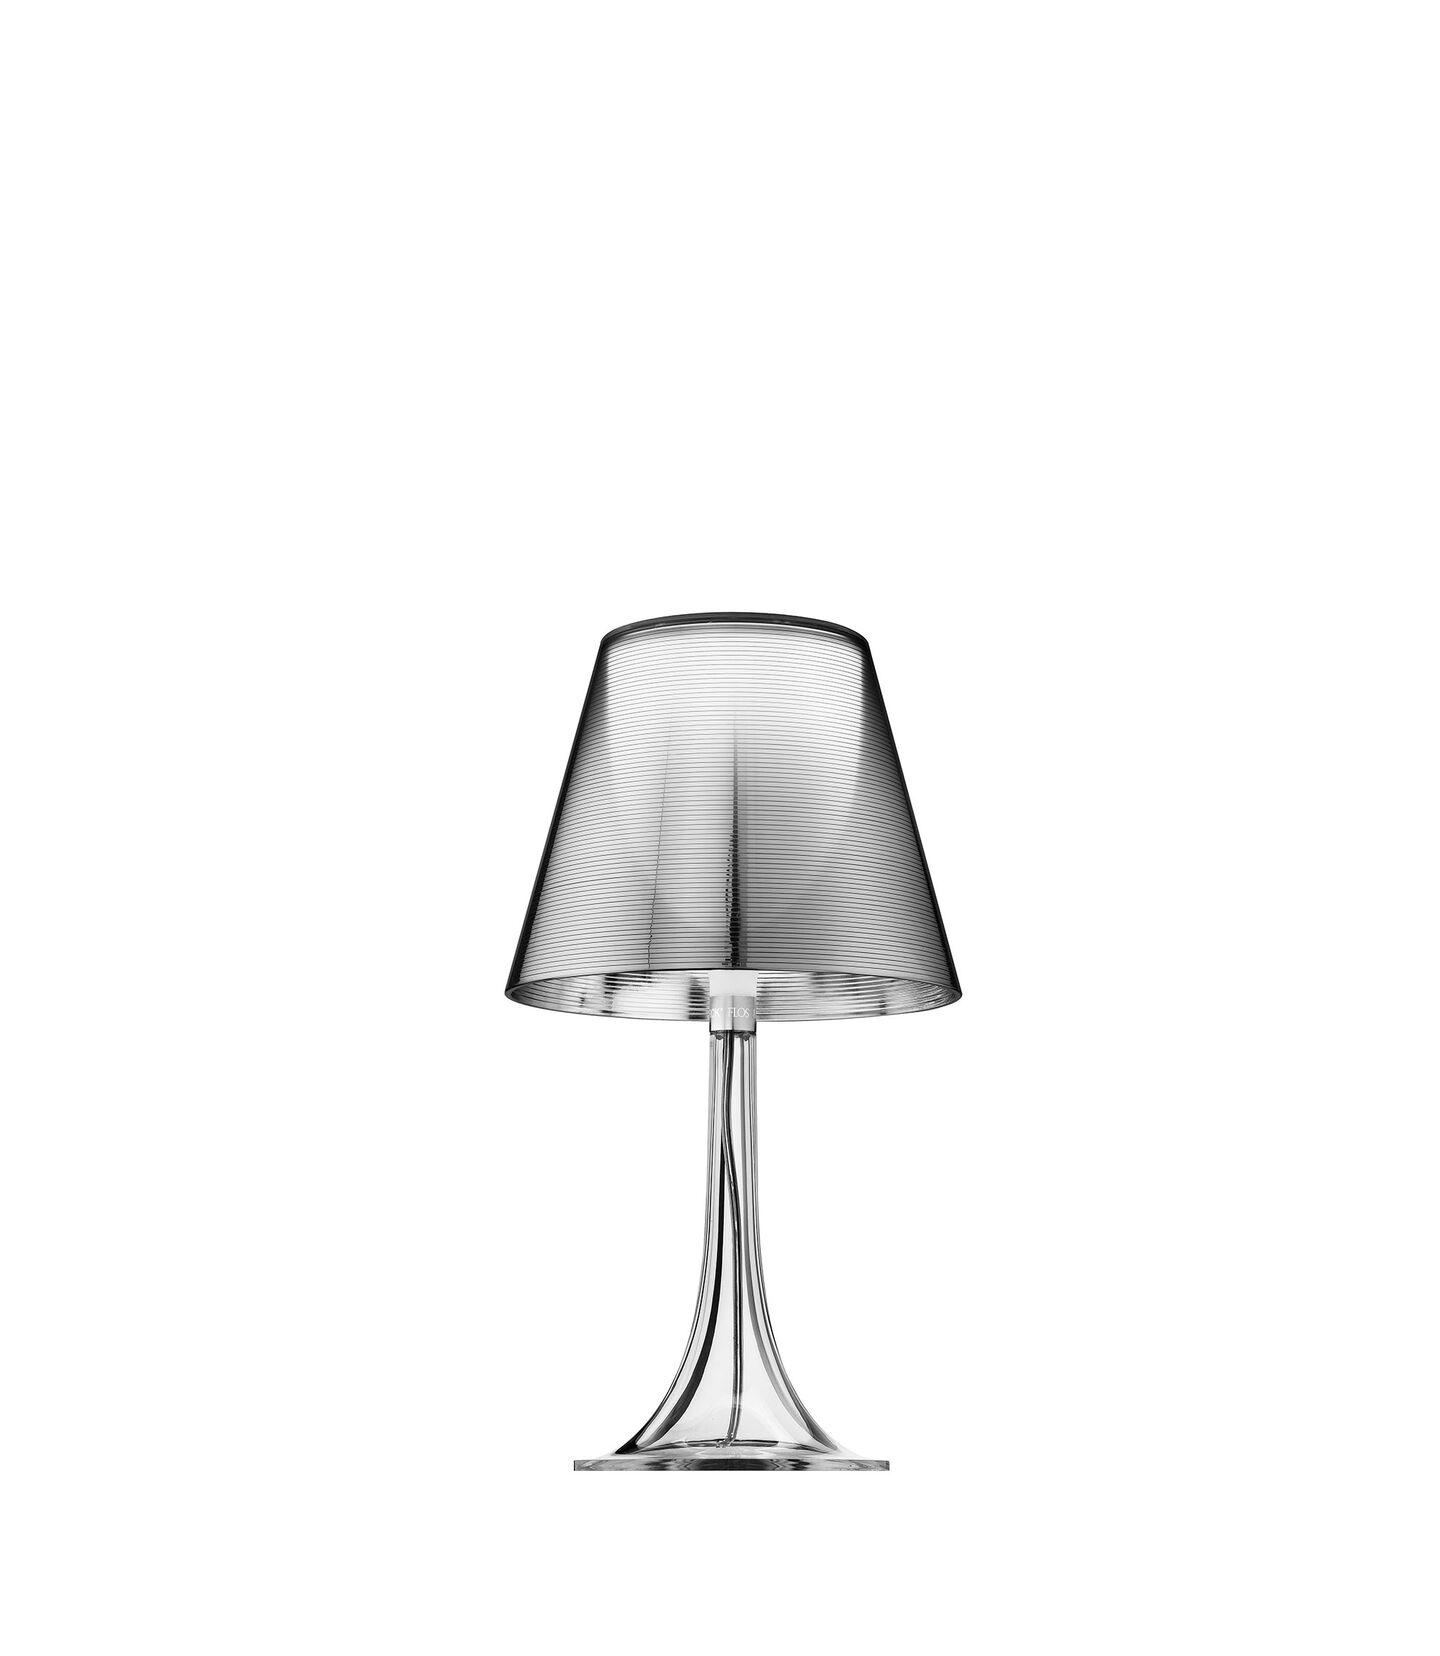 miss-k-table-starck-flos-F6255000-product-still-life-big